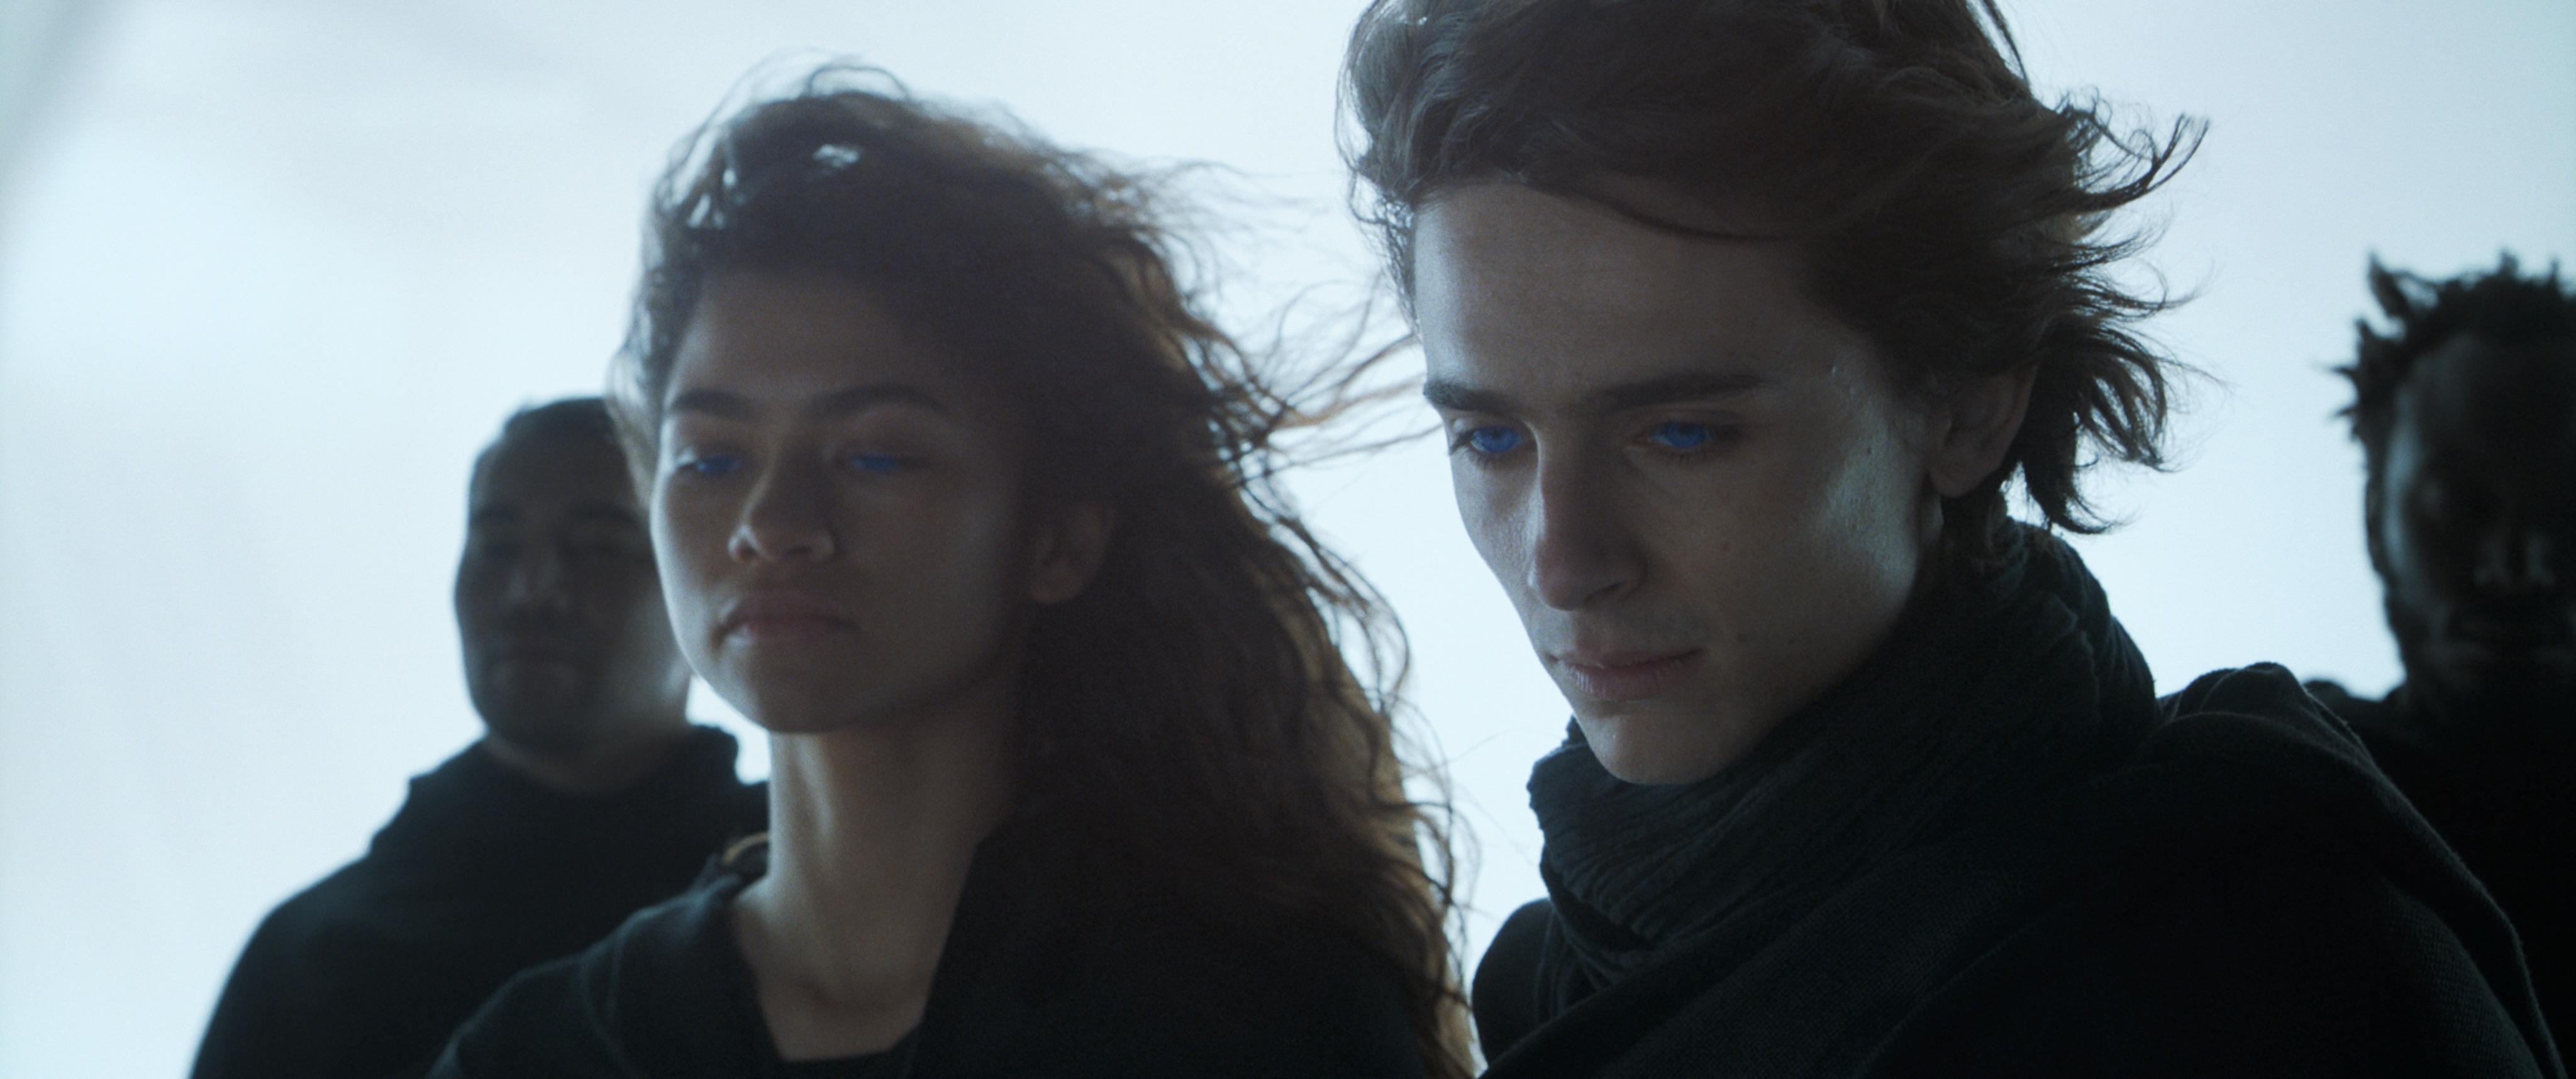 Timothée Chalamet és Zendaya a Dűnében (fotó: InterCom)